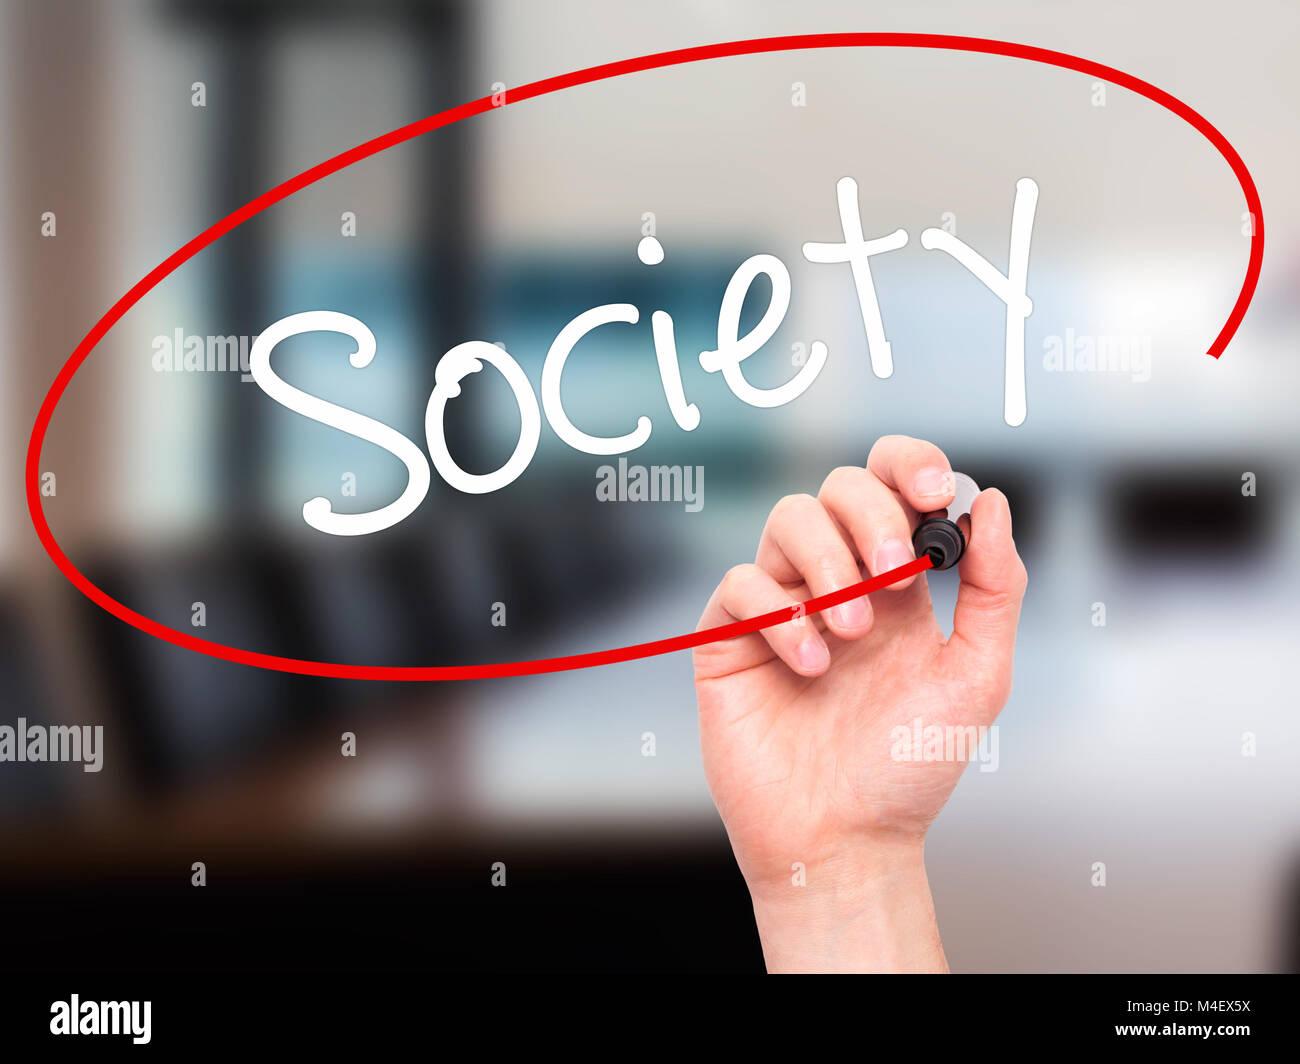 Mann Hand schreiben Gesellschaft mit schwarzem Marker auf visuelle Bildschirm Stockbild